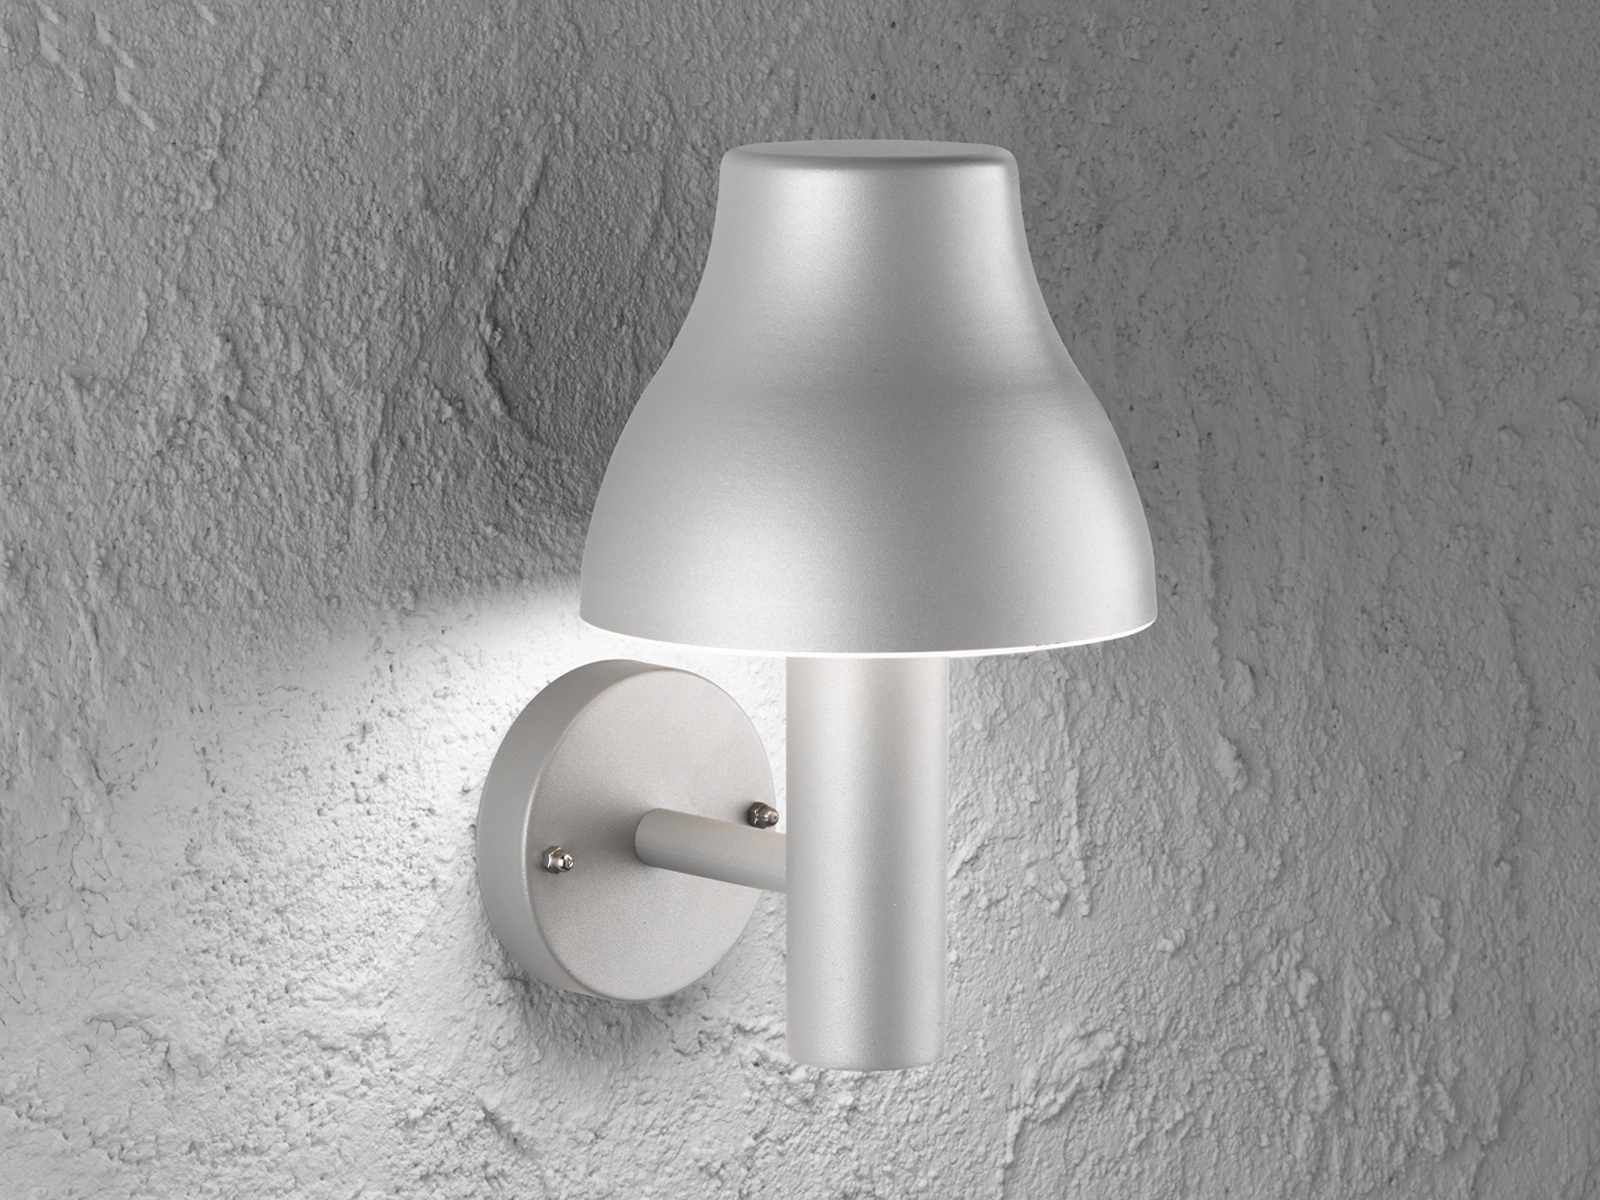 Lampada ESTERNO ALLUMINIO ipp44 H. 29cm LED Lampada da da da parete esterno illuminazione esterna casa 58c3c9